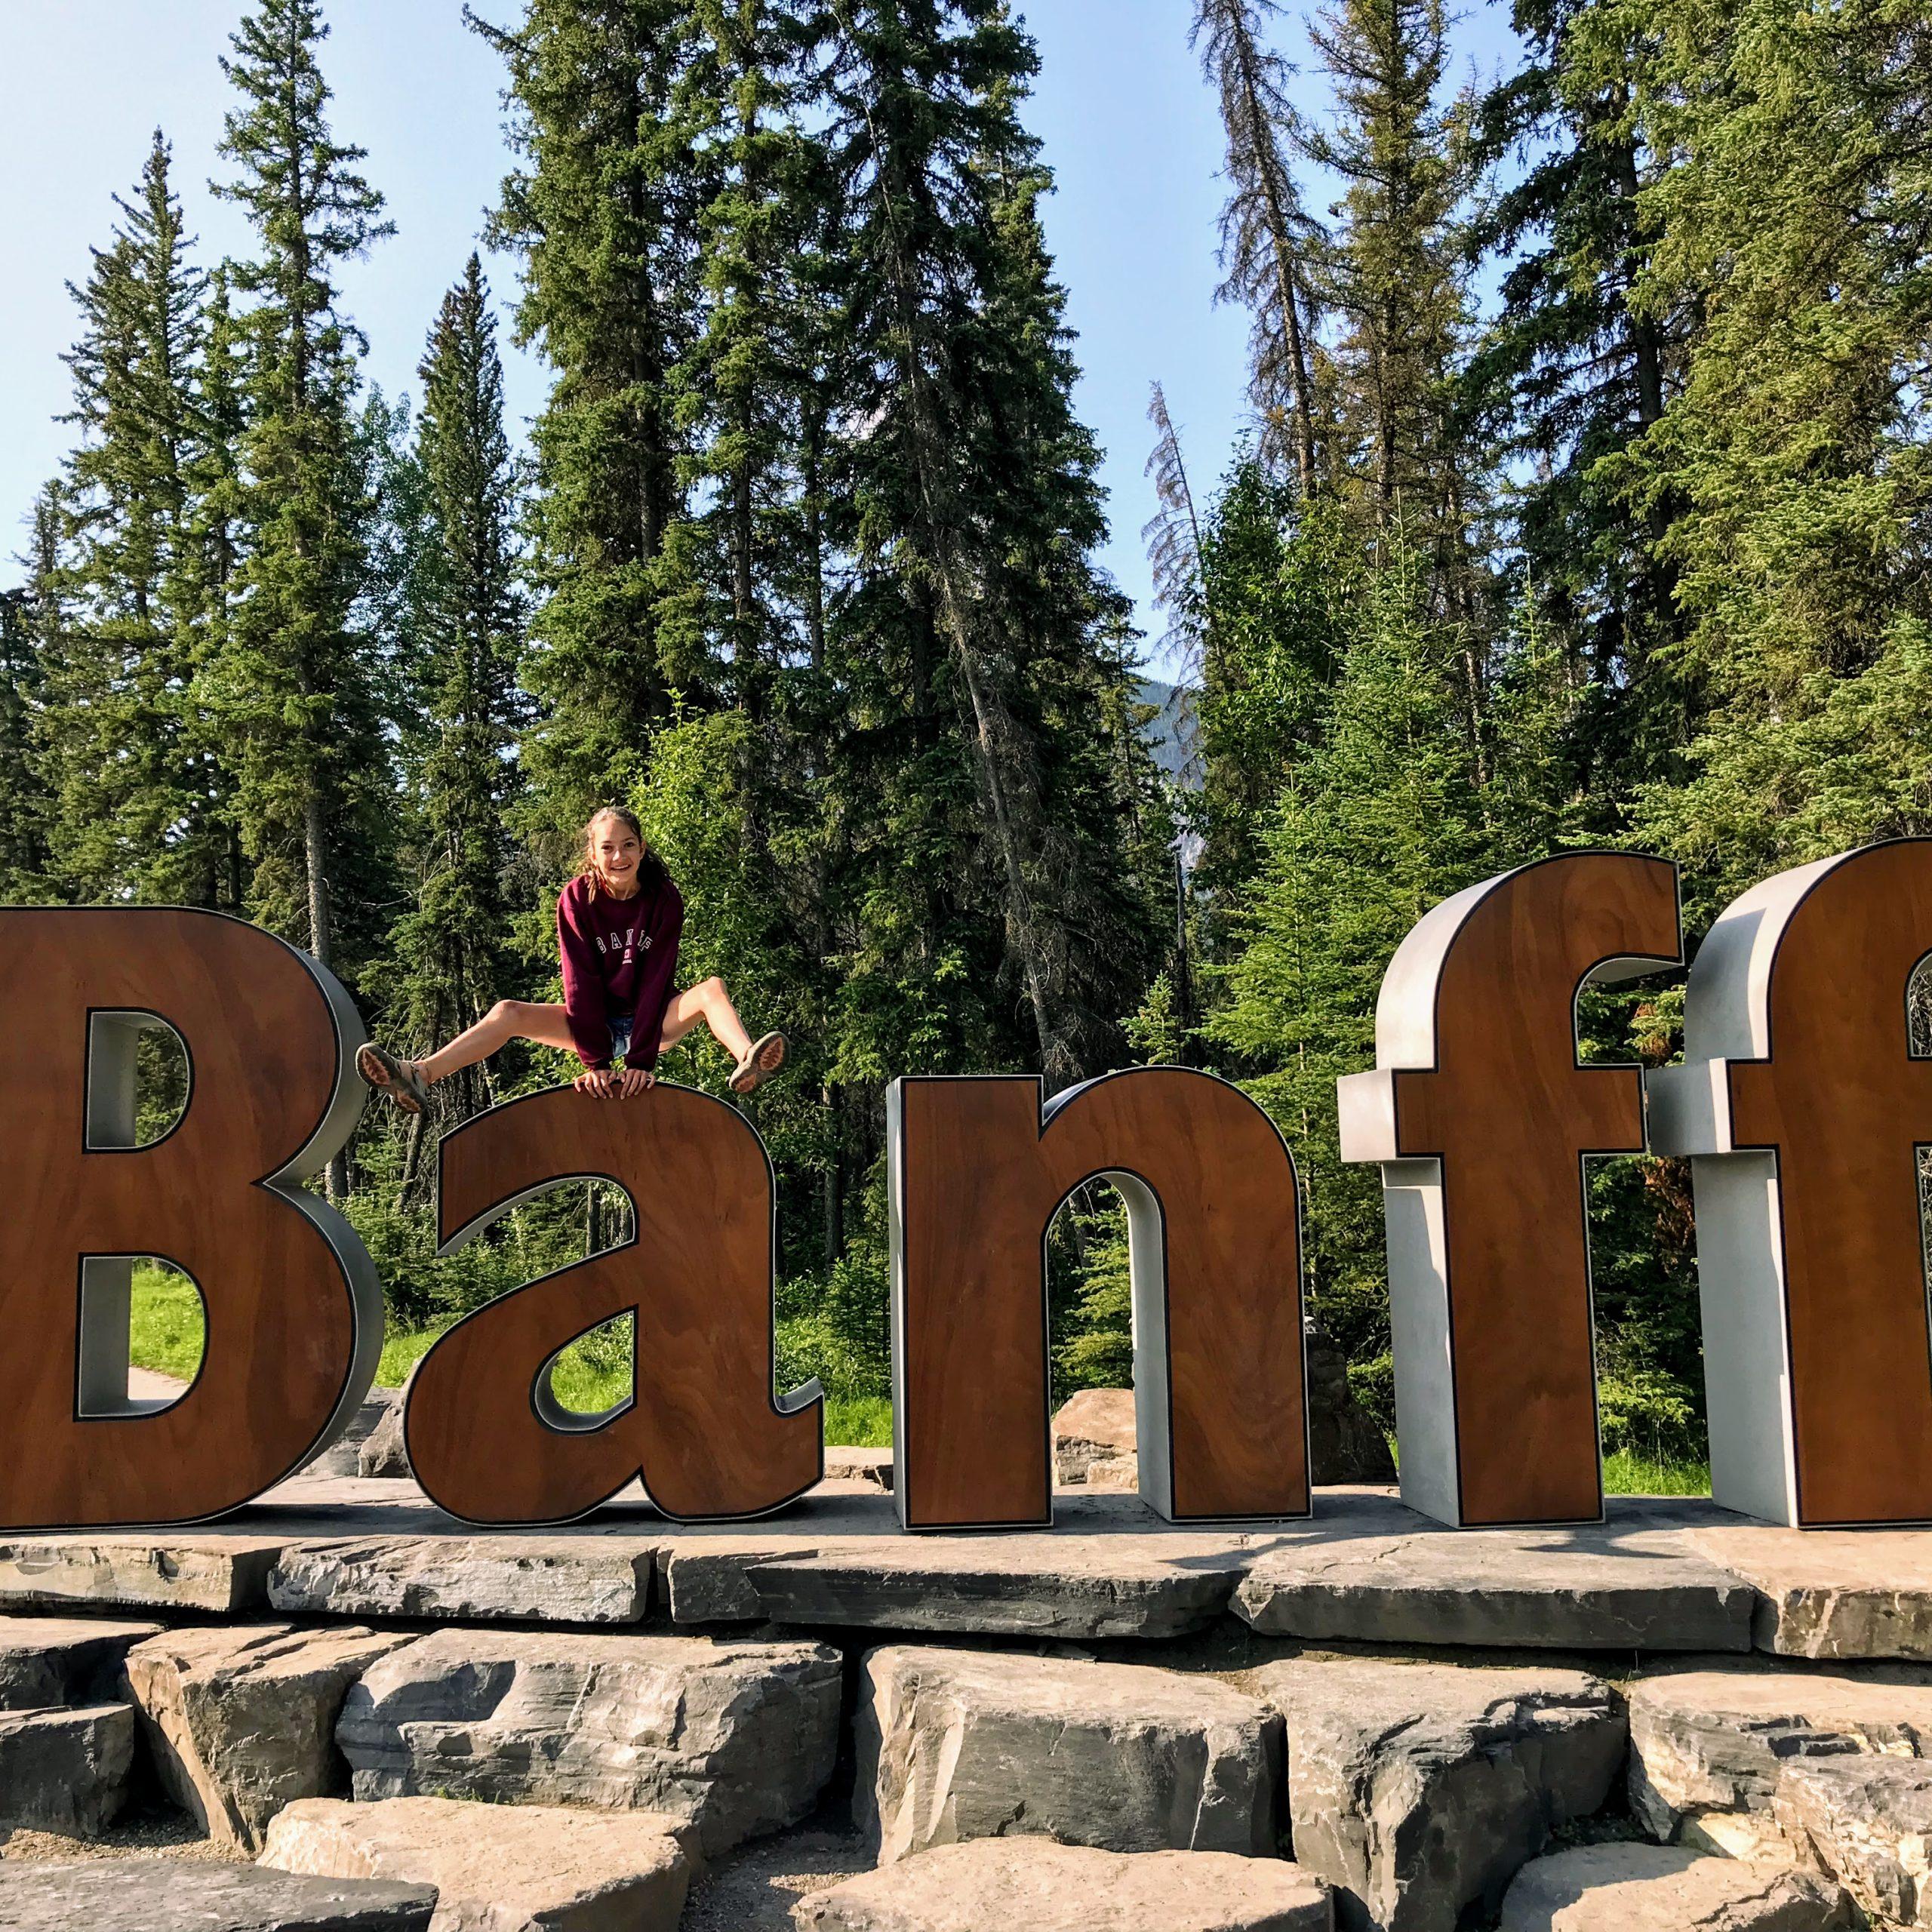 Wat te doen in Banff